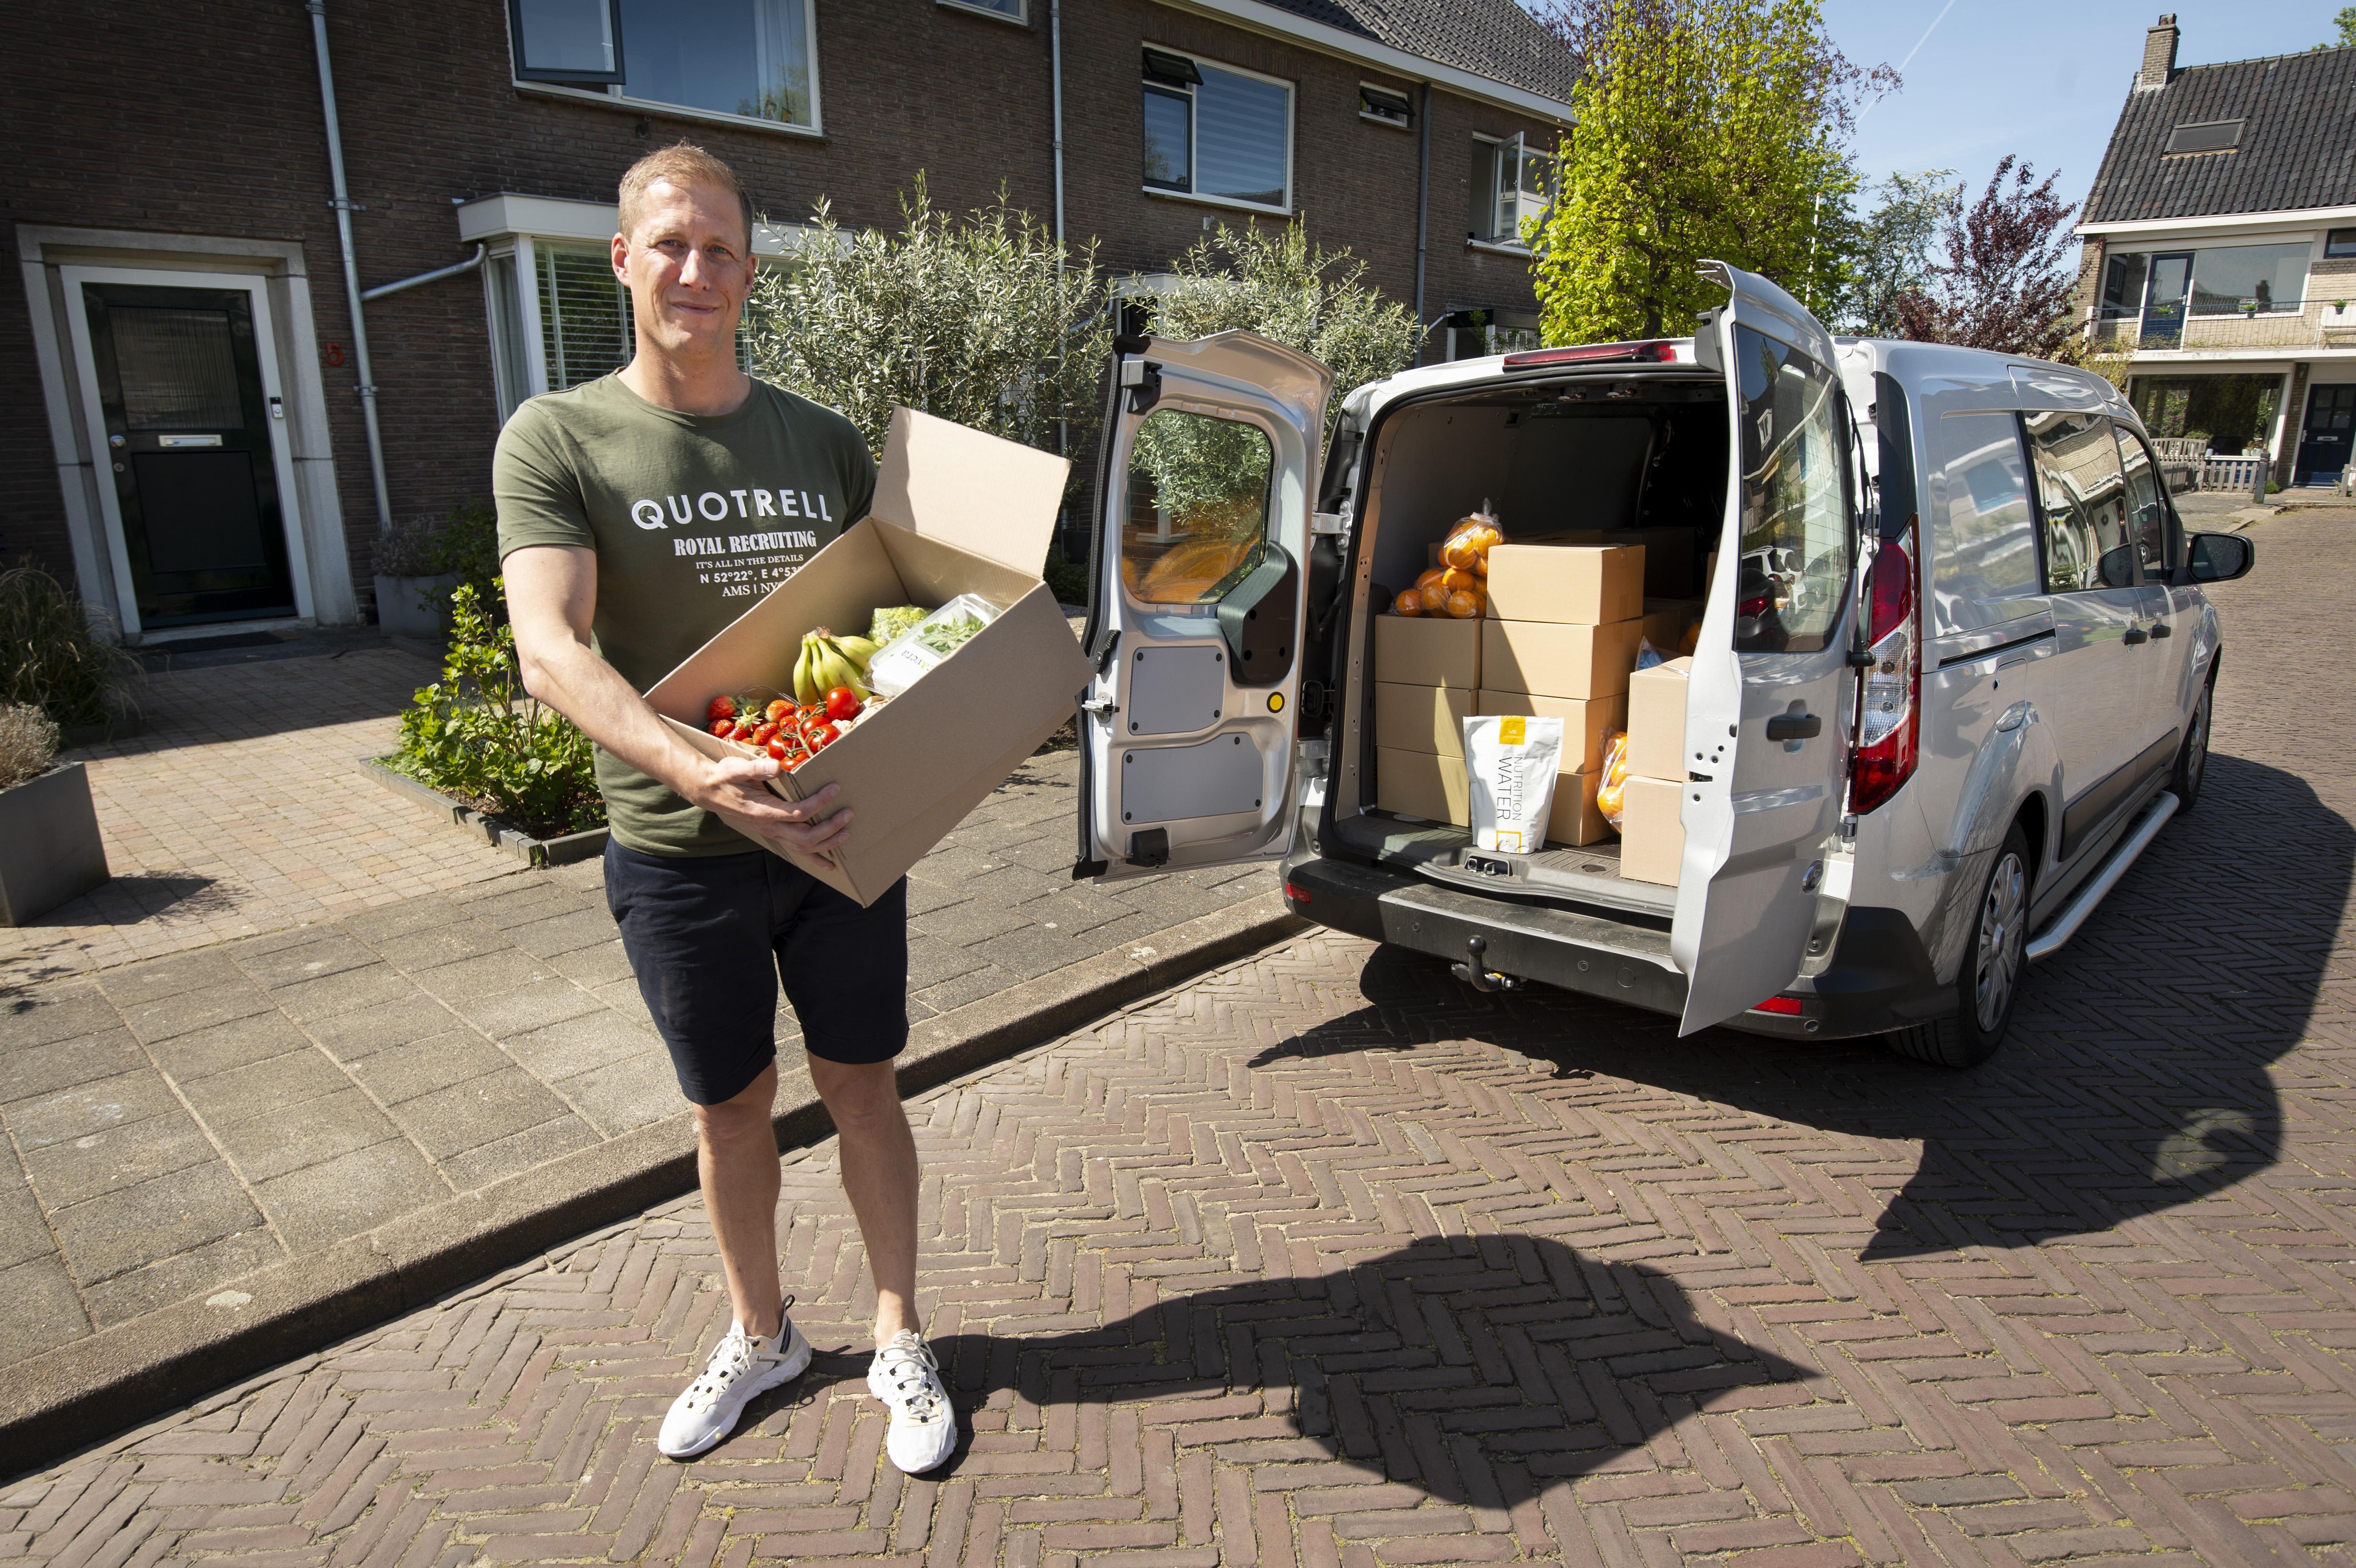 Beste startende ondernemer Leiderdorp verkoopt nu groente en fruit